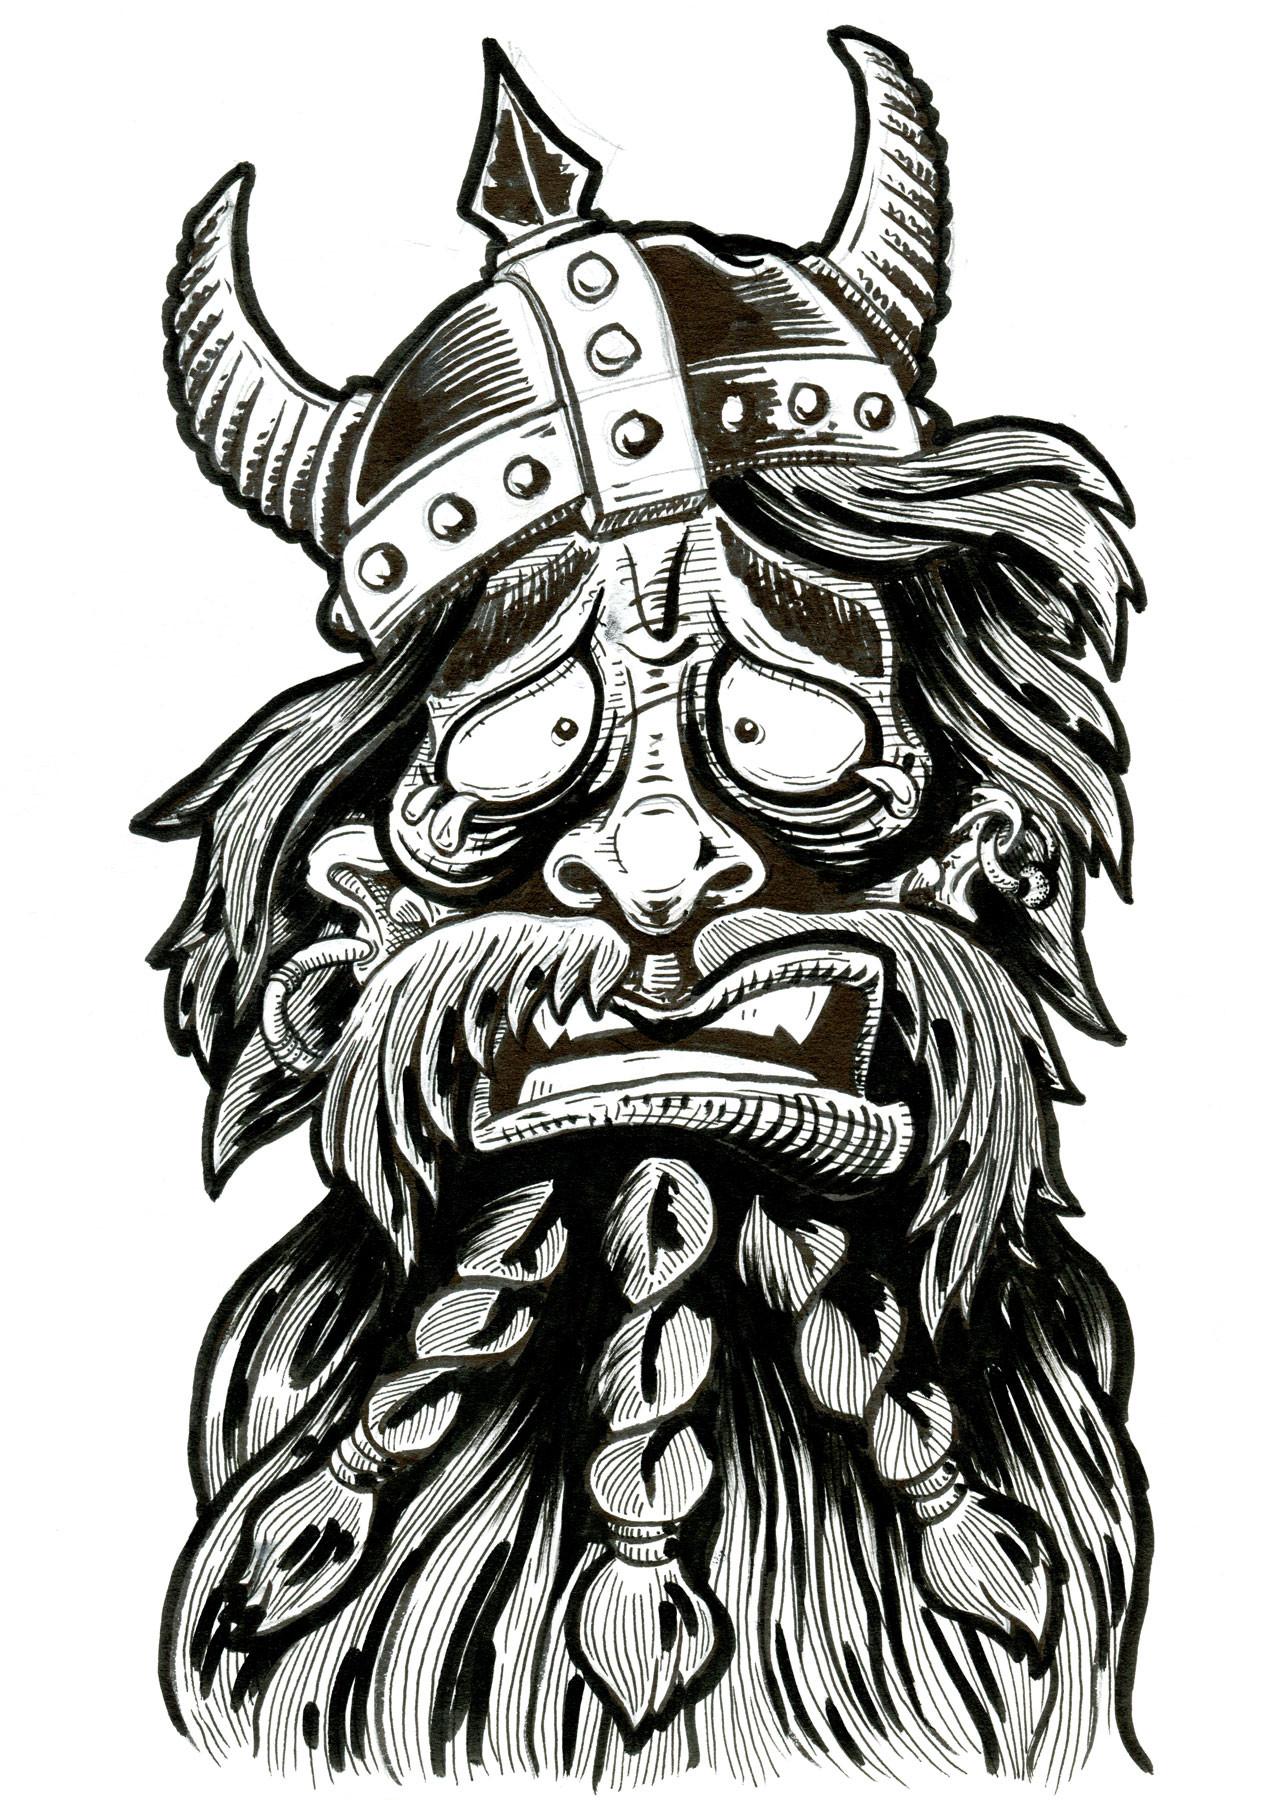 boot-beer-ivar-sketch-tshirt-design-mode